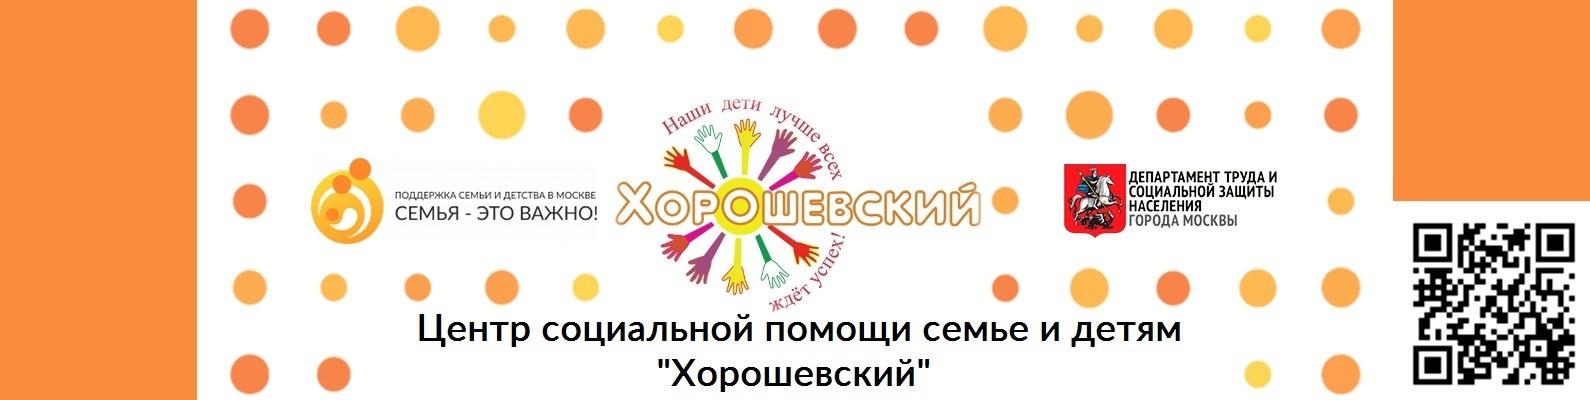 ЦСПСиД Хорошевский   ВКонтакте 437d0464c92